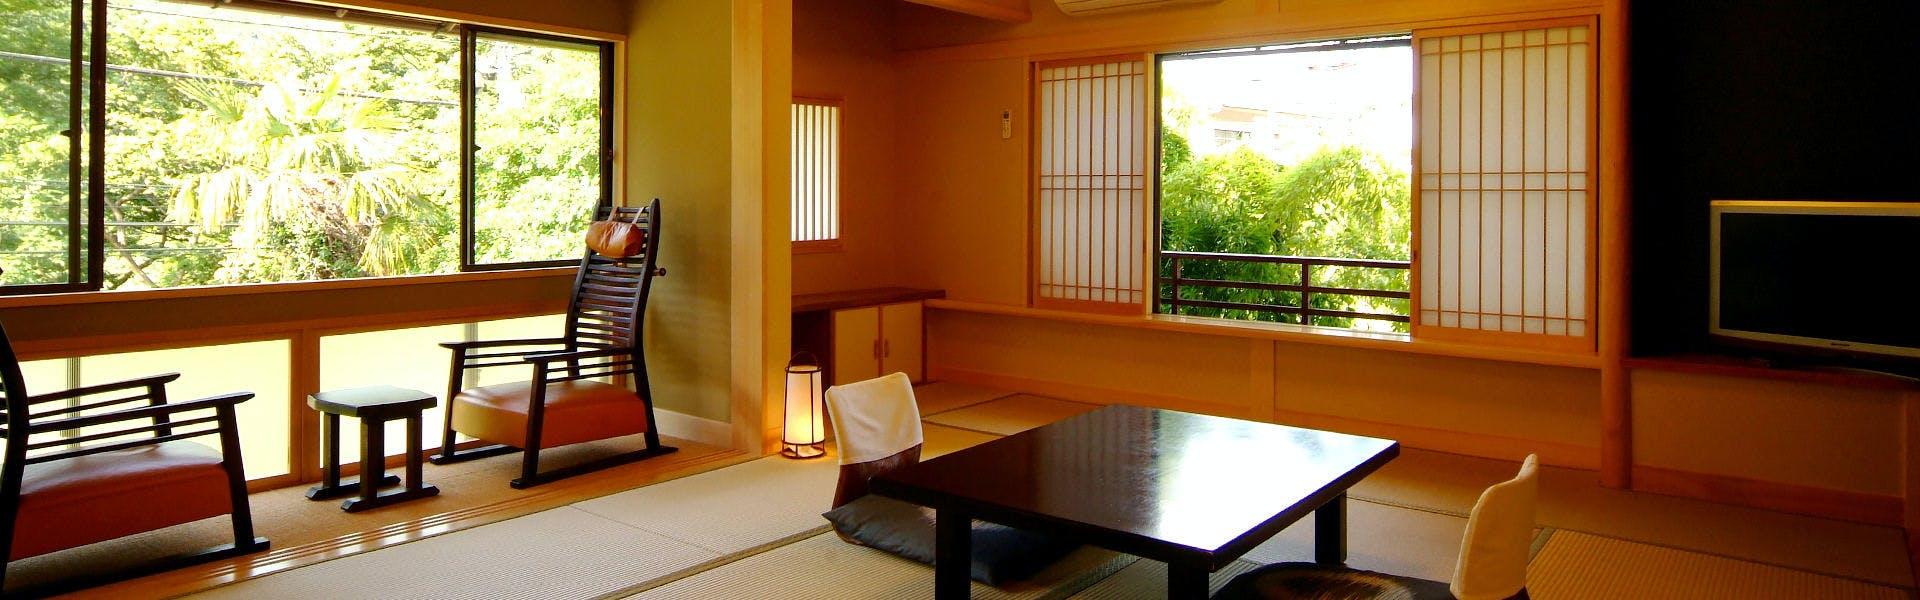 記念日におすすめのホテル・温泉旅館 湯さか荘の写真2